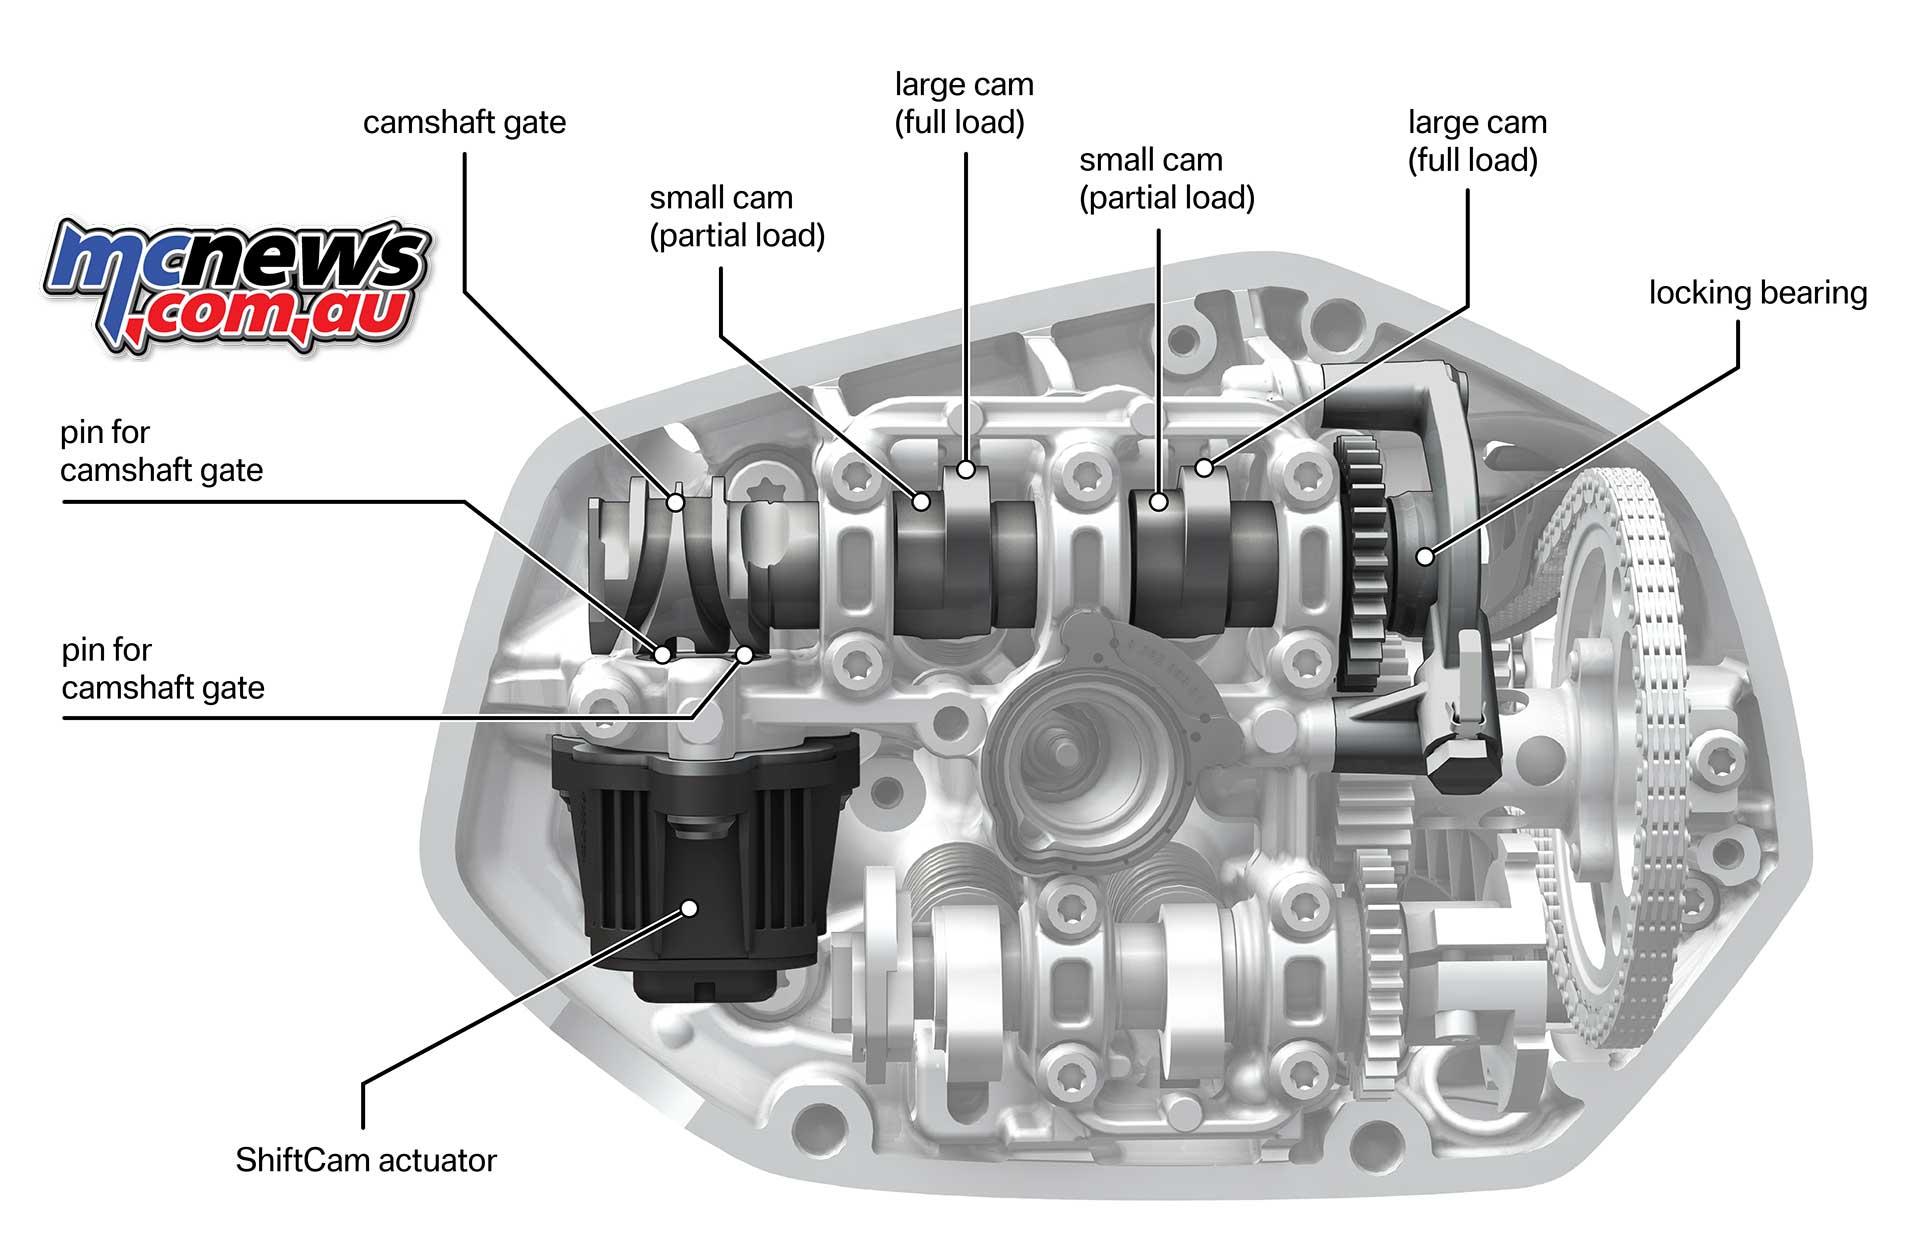 New 1254cc BMW Boxer engine | 14% more torque | MCNewsMCNews